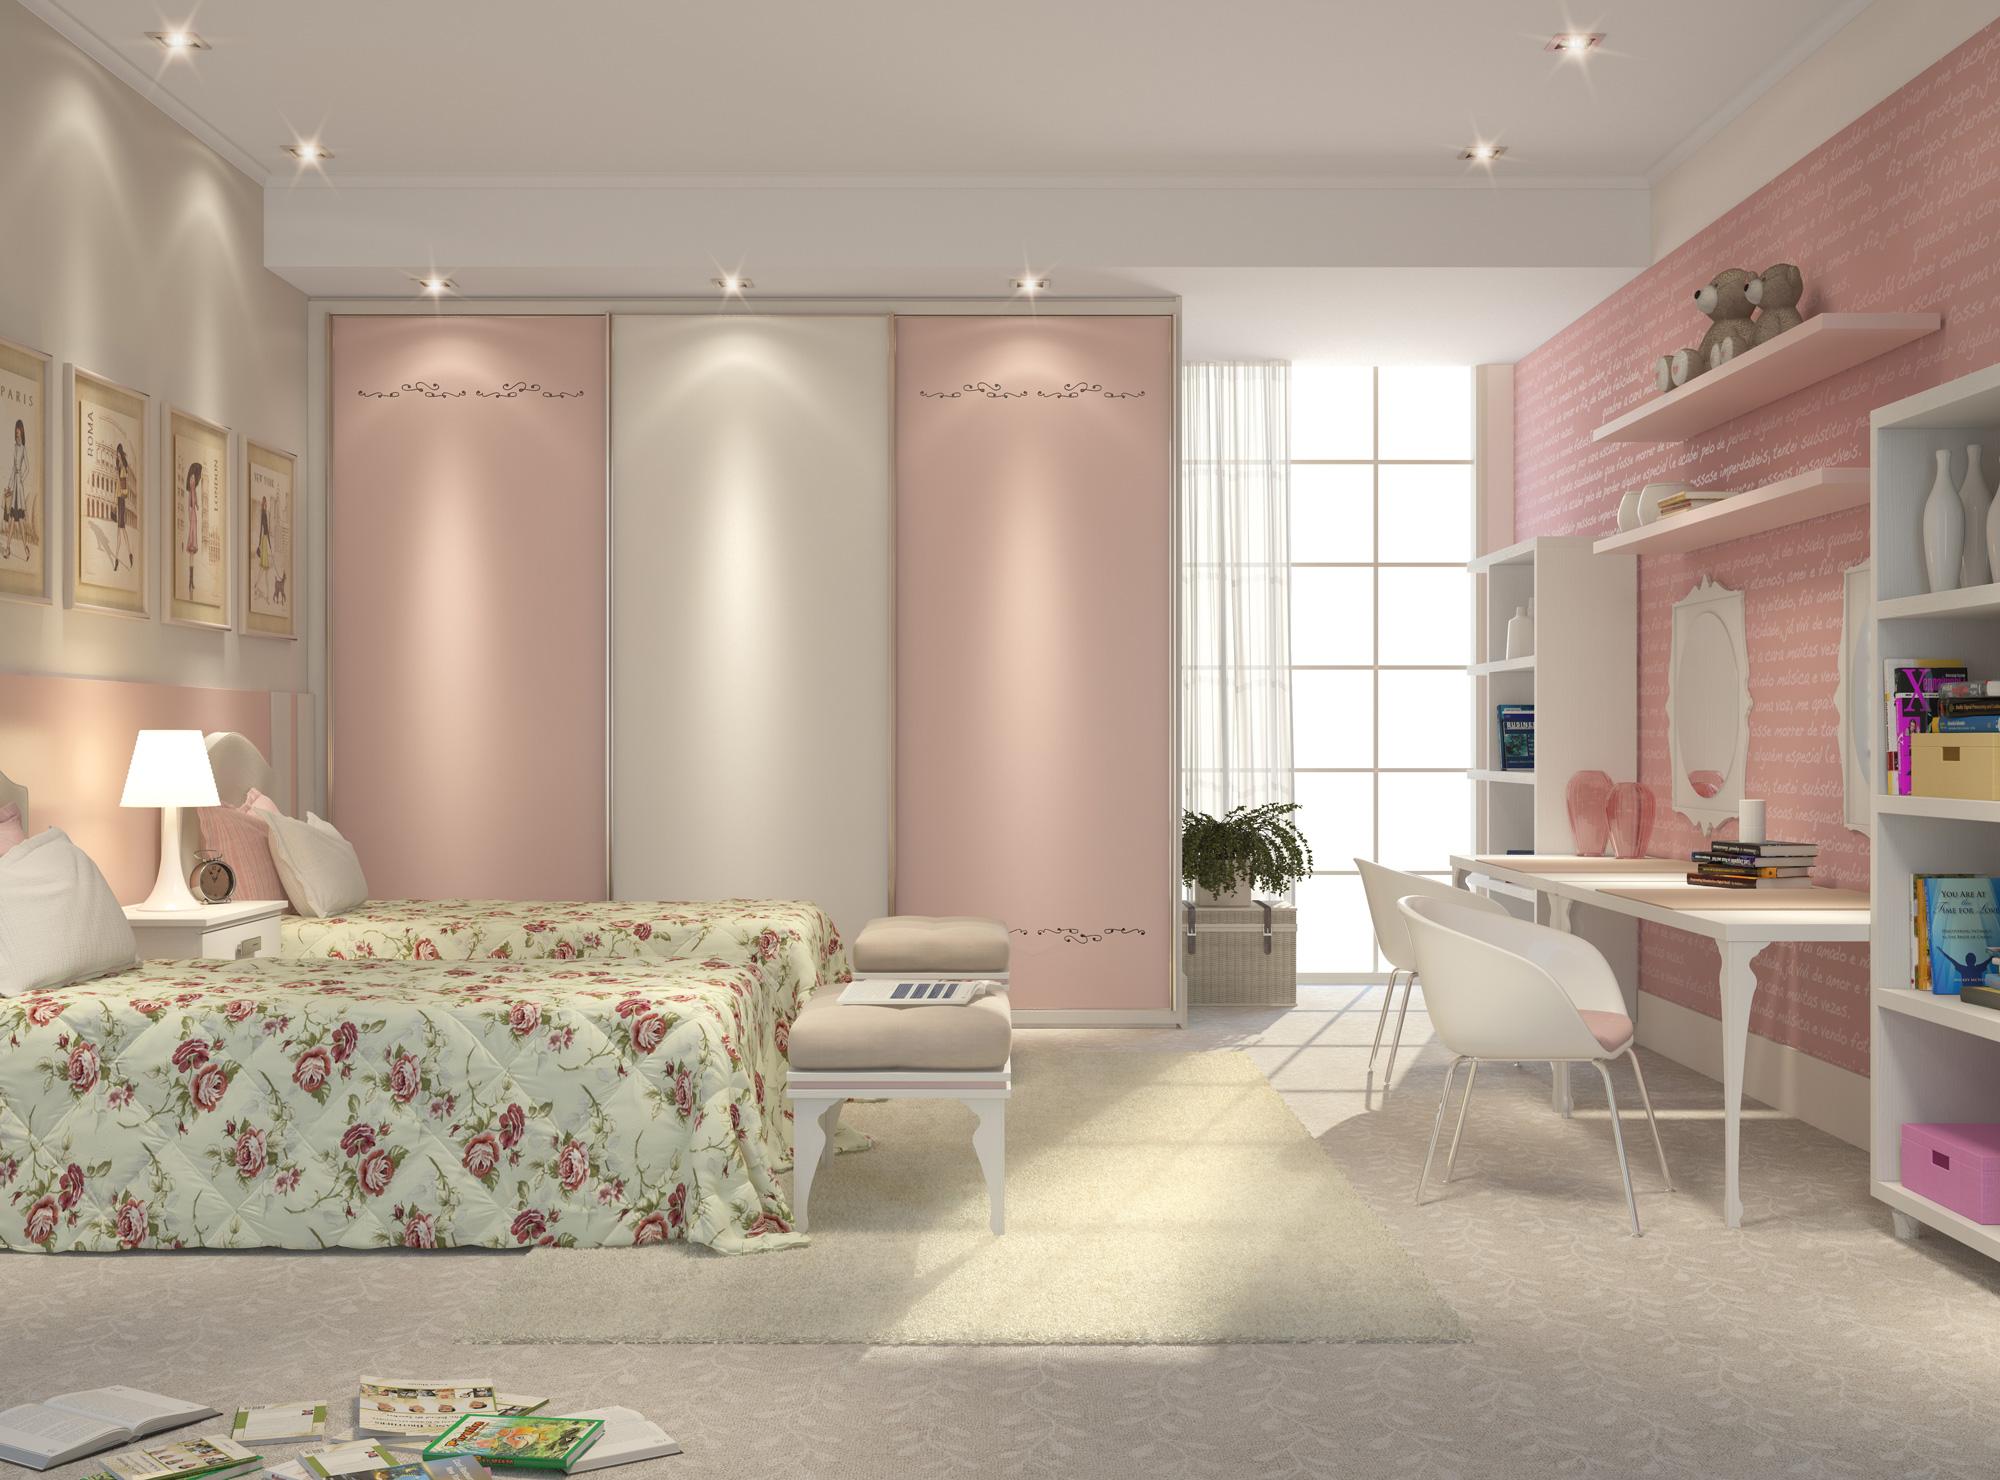 5 dicas para iluminar um quarto grupo nova casa m veis. Black Bedroom Furniture Sets. Home Design Ideas